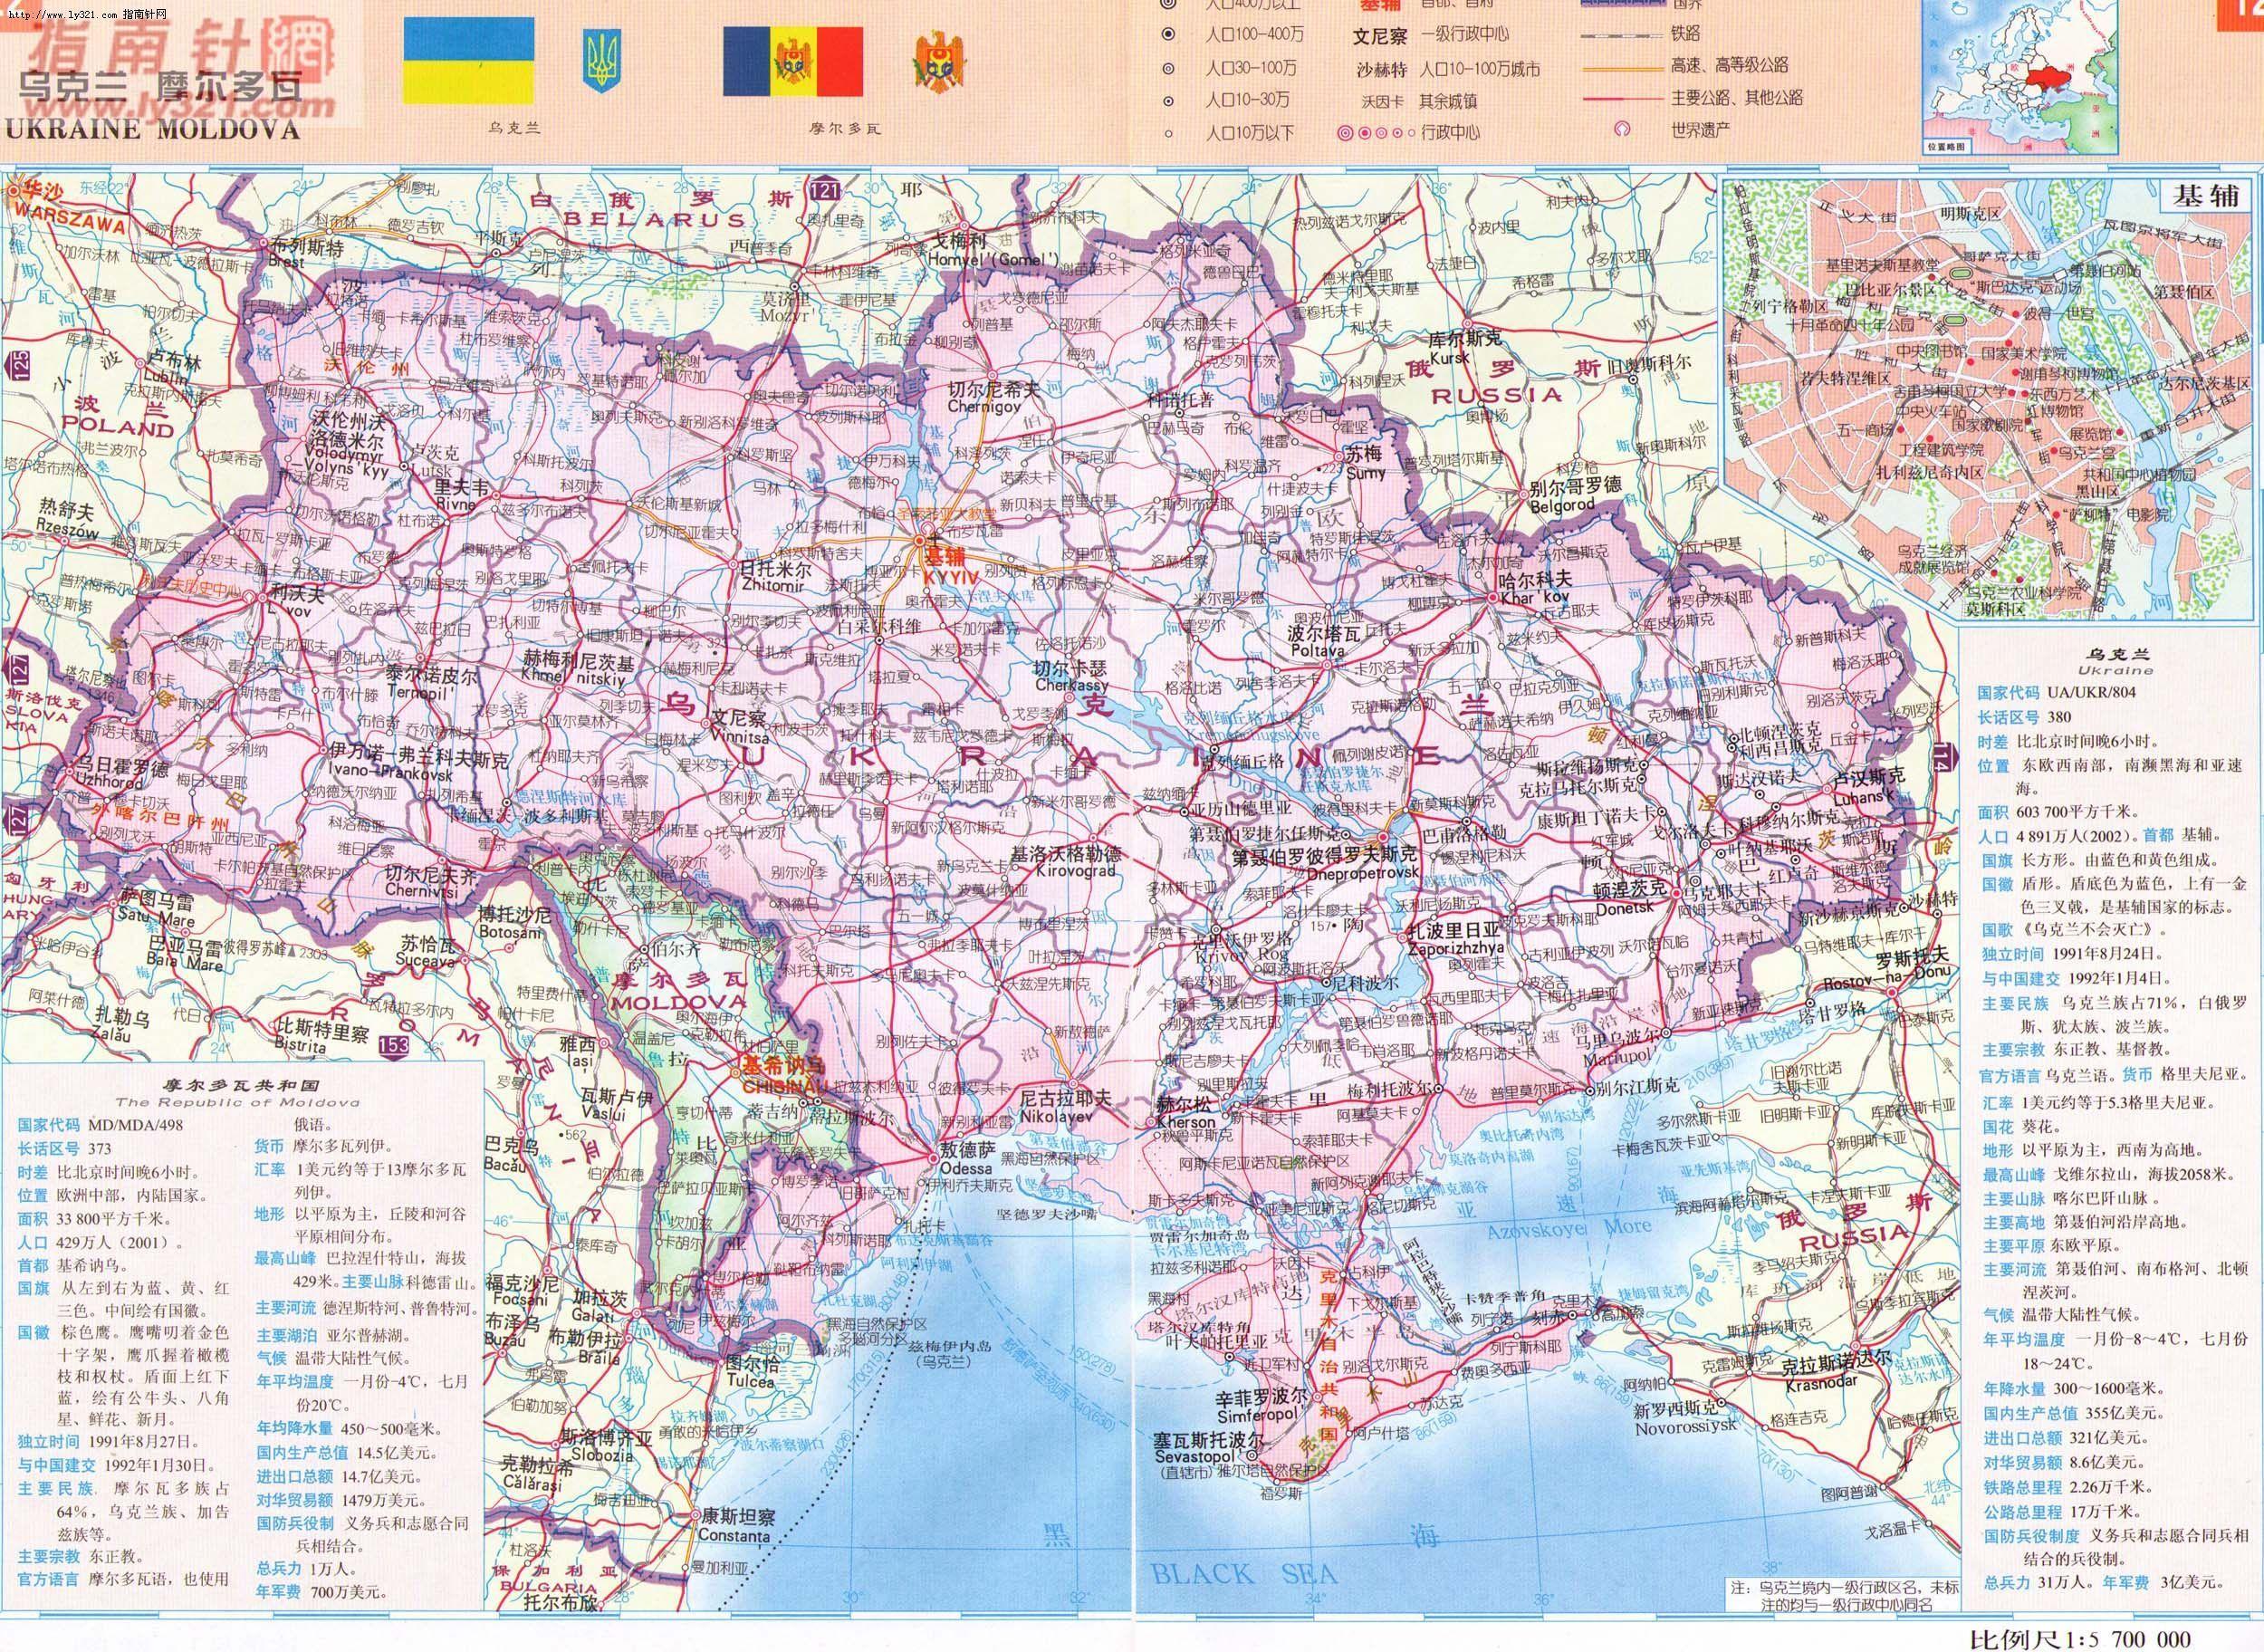 摩尔多瓦地图高清版 (人气: (载入中...) 分类